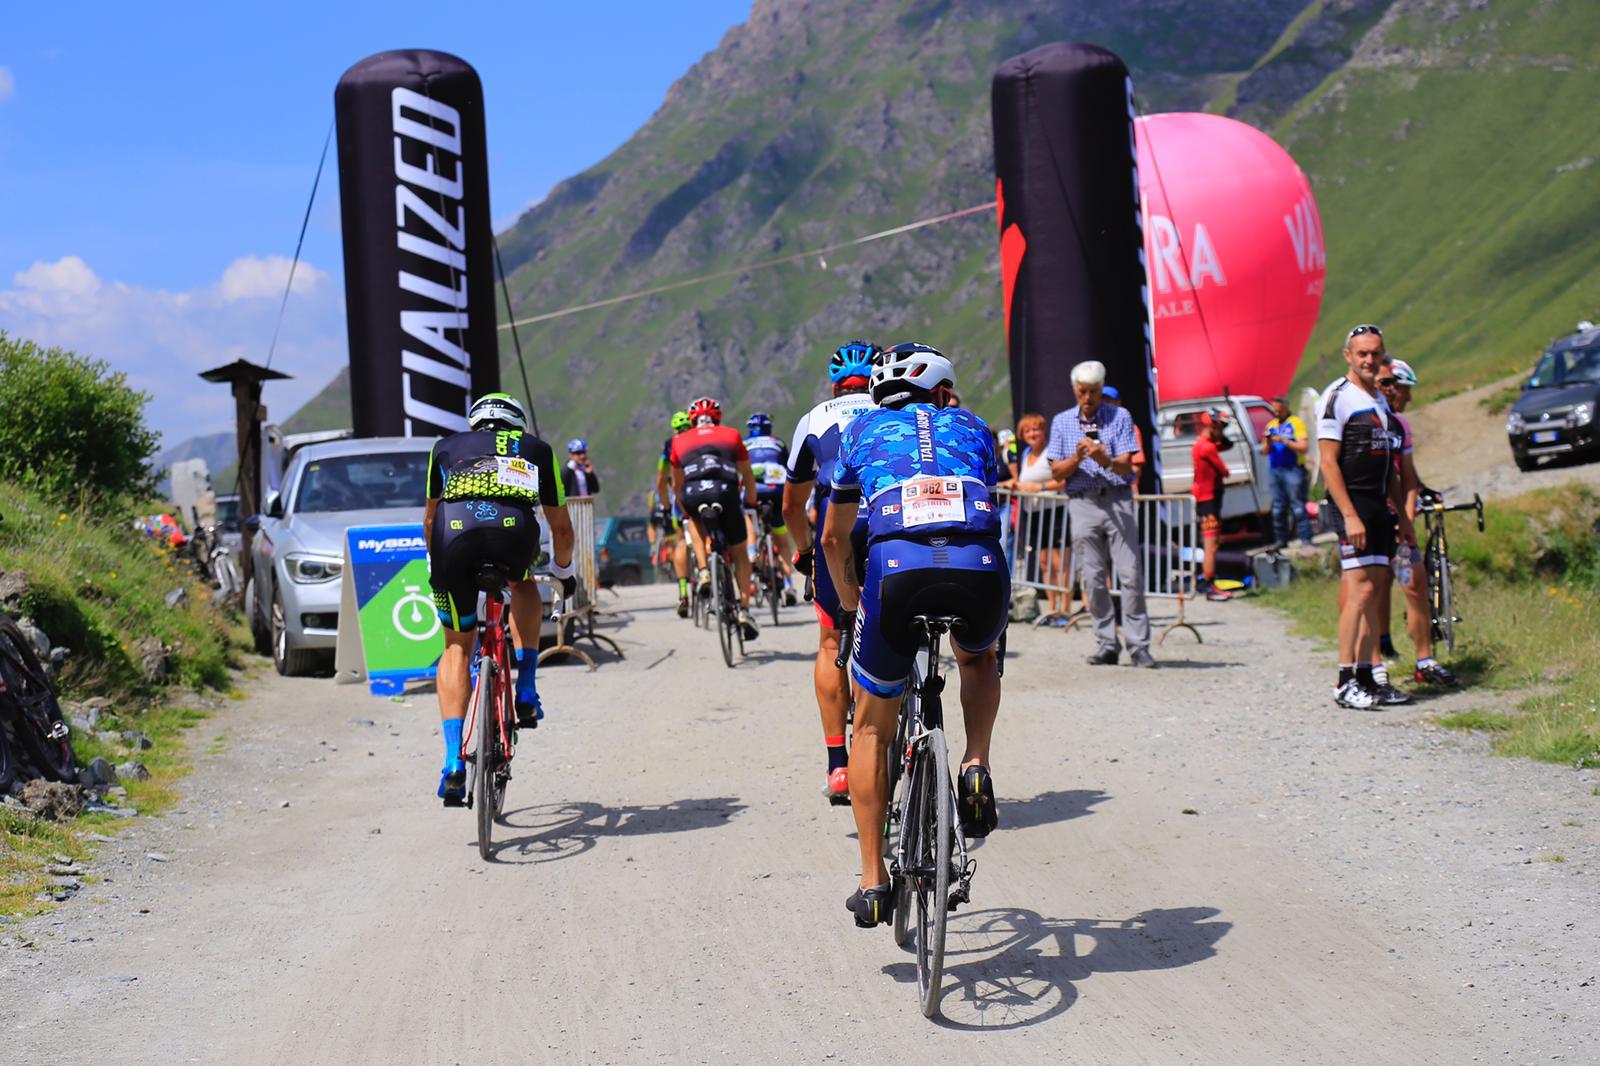 Calendario Granfondo Strada 2020.News Circuito Coppa Piemonte